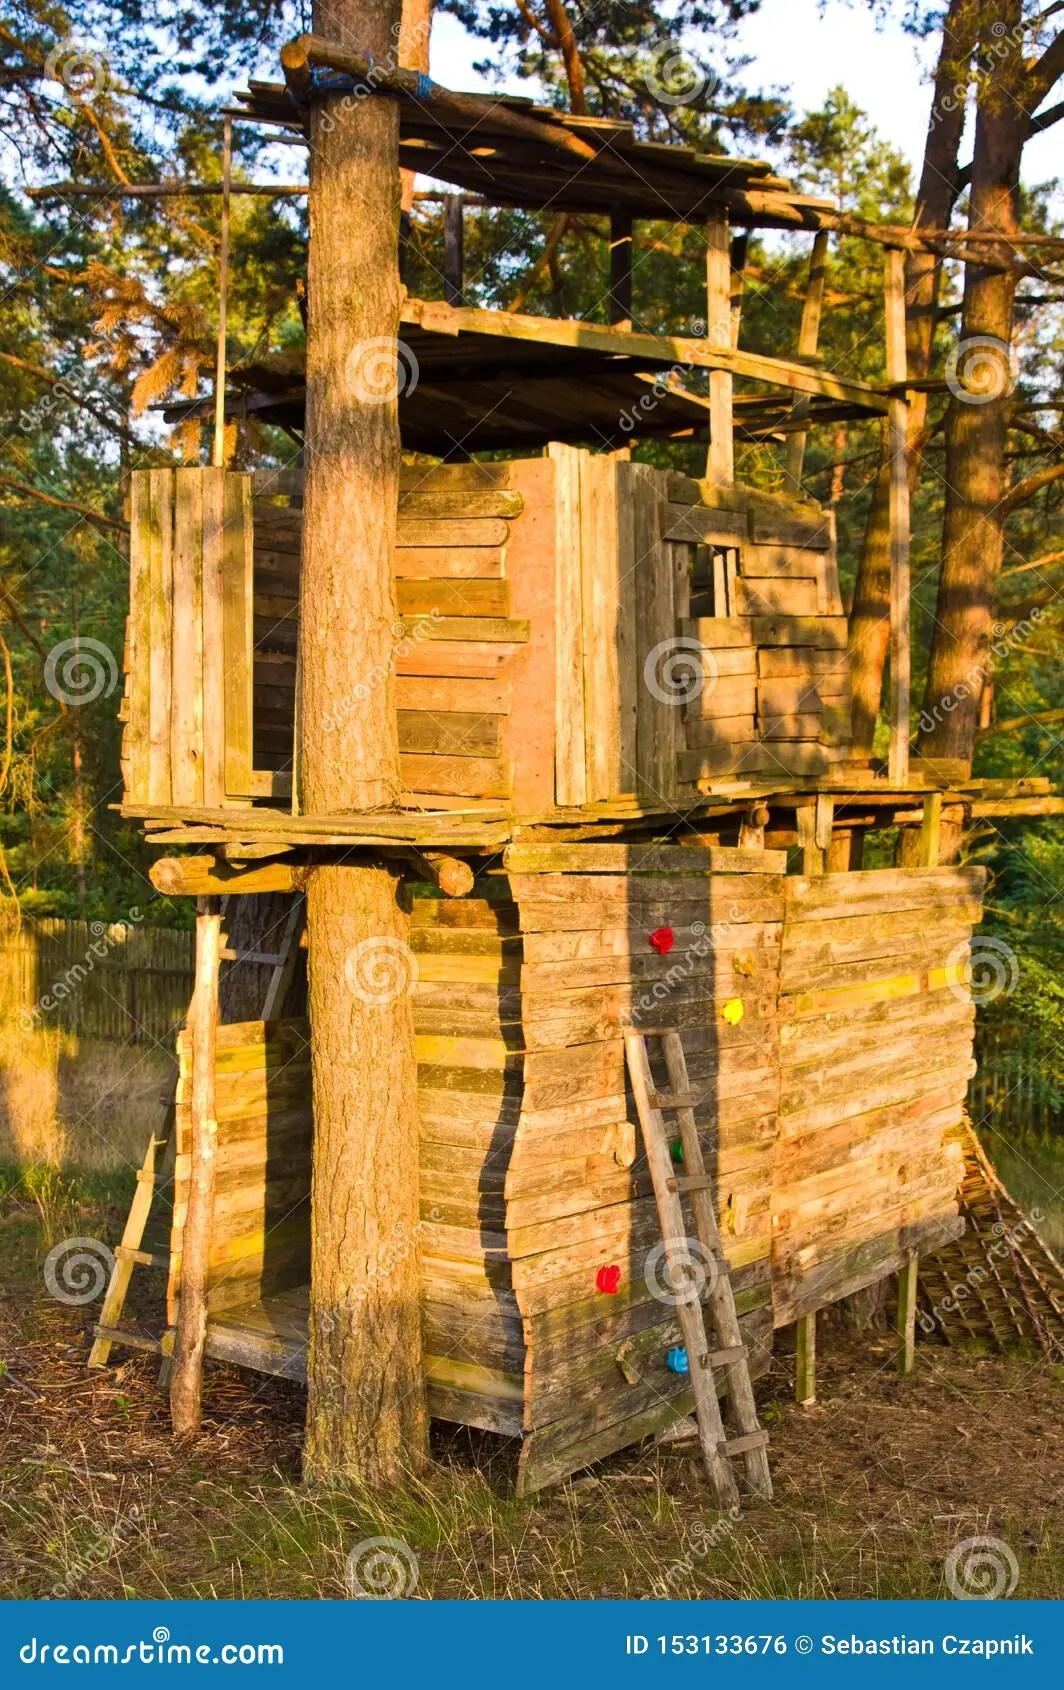 grande cabane dans un arbre en bois